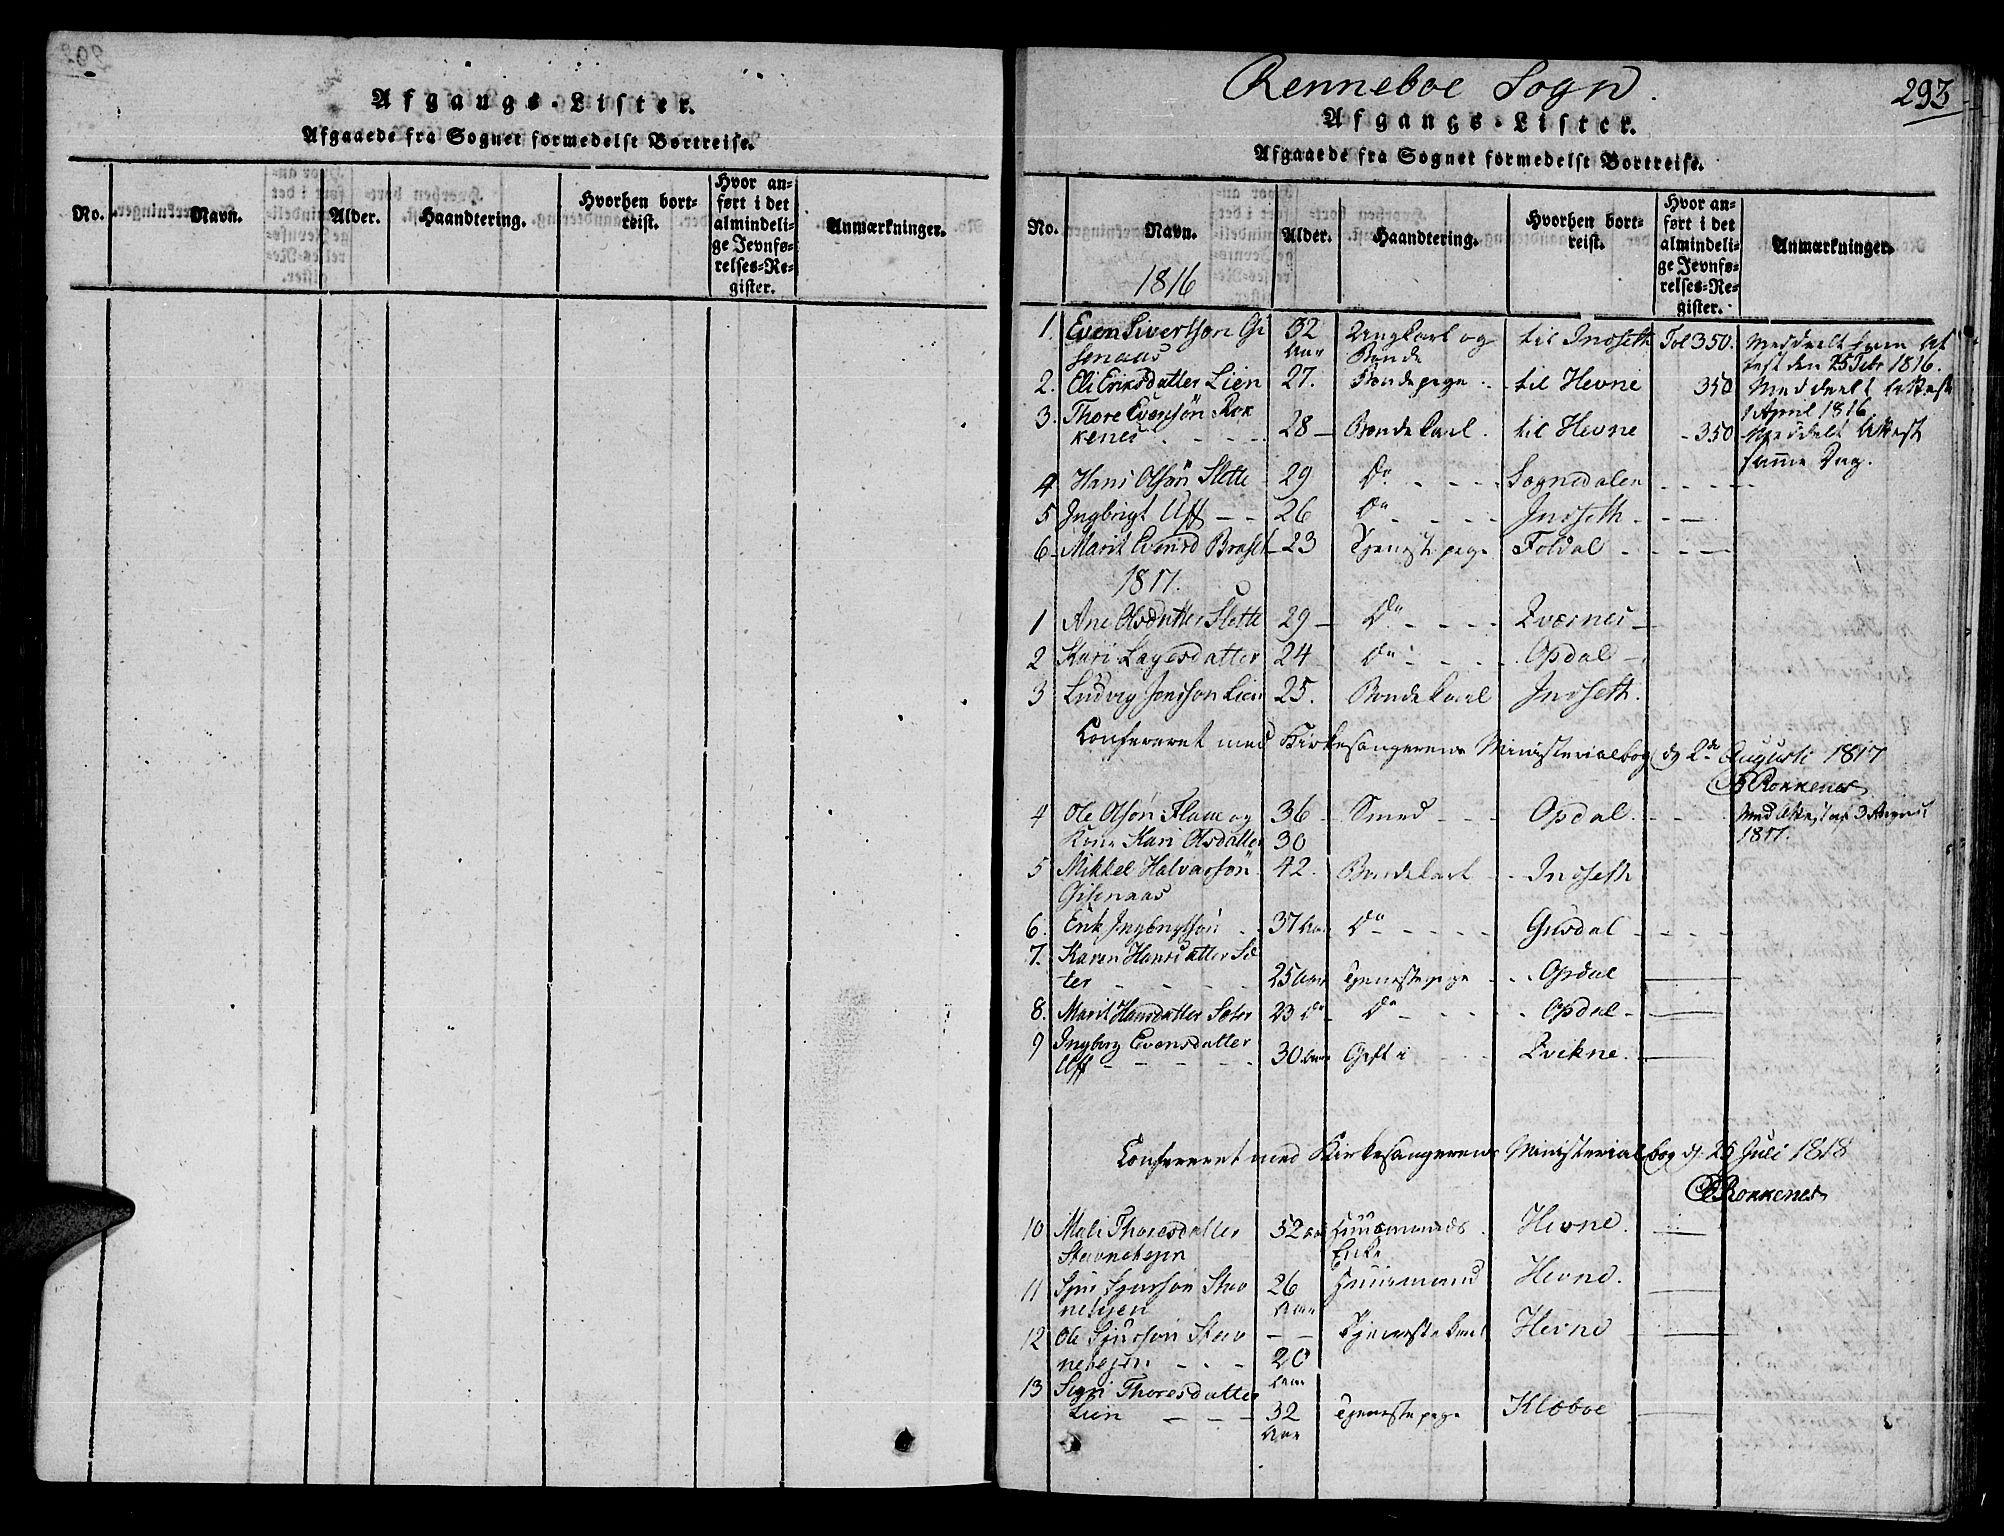 SAT, Ministerialprotokoller, klokkerbøker og fødselsregistre - Sør-Trøndelag, 672/L0854: Ministerialbok nr. 672A06 /2, 1816-1829, s. 293